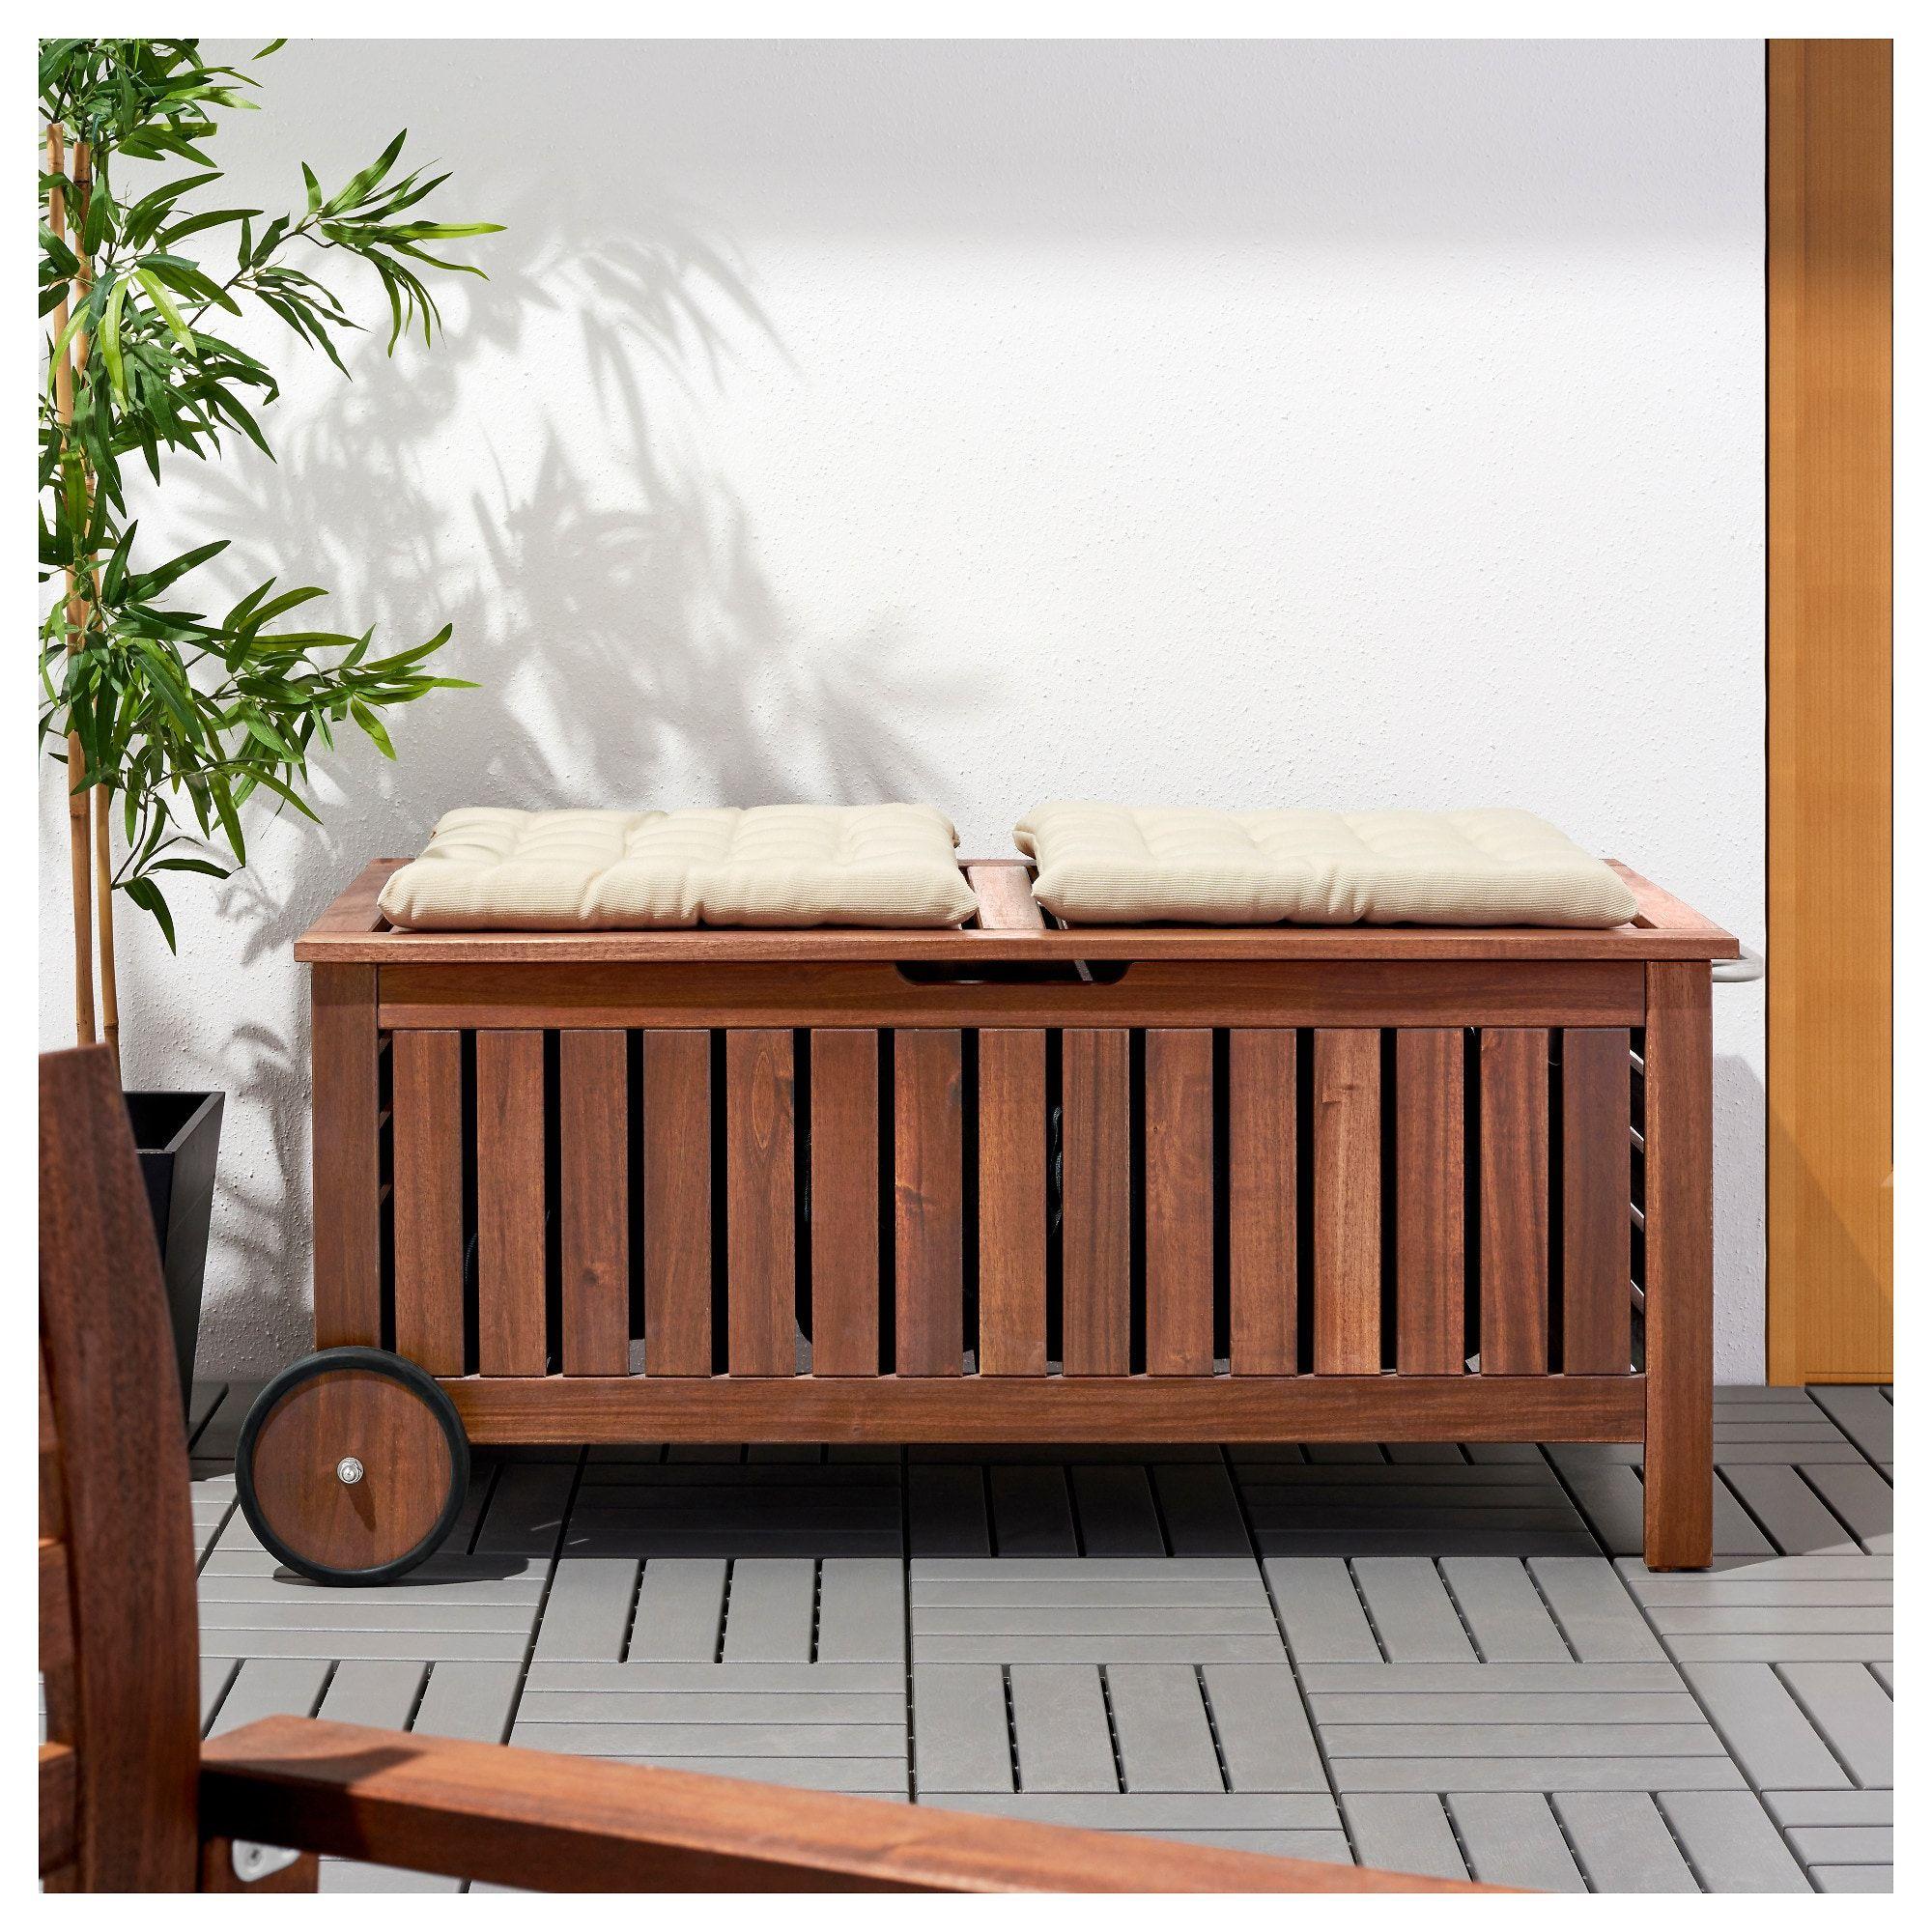 Applaro Storage Bench Outdoor Brown Stained Brown Width 50 3 8 Ikea Outdoor Storage Bench Storage Bench Ikea Garden